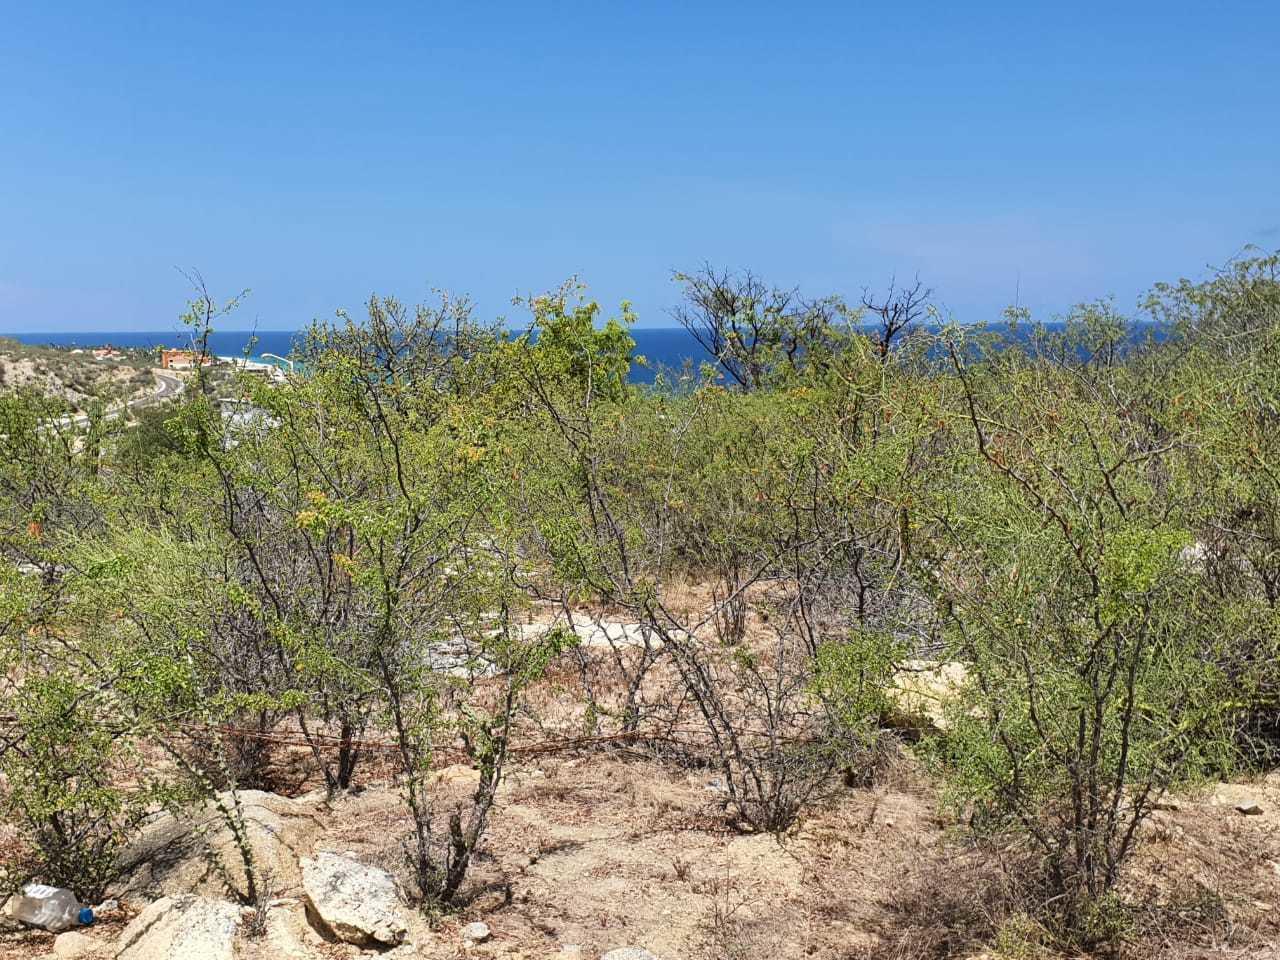 Piedra gordas in Buena Vista